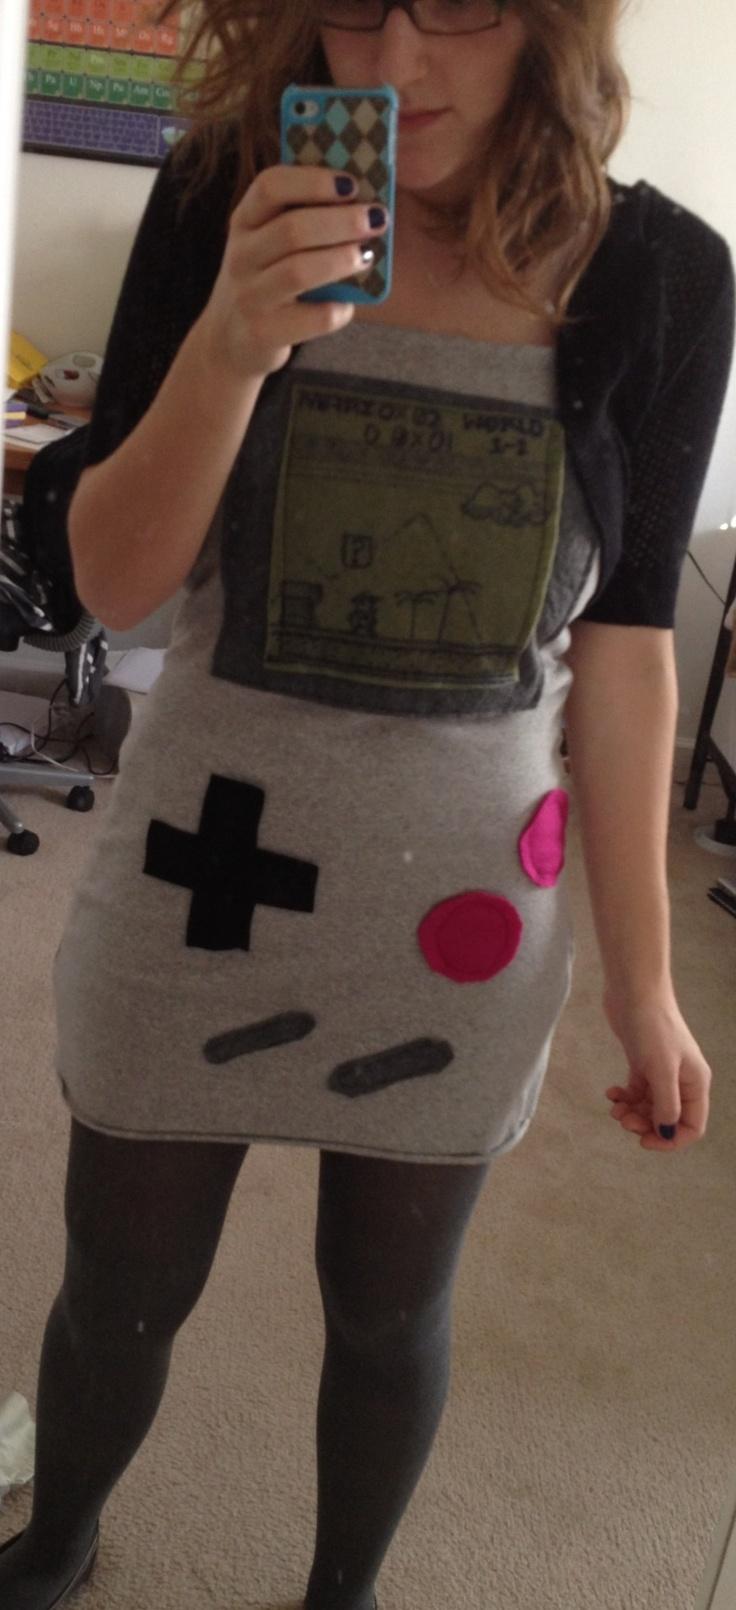 Tolles Kostüm mit Filz hergestellt. Gameboy und Super Mario